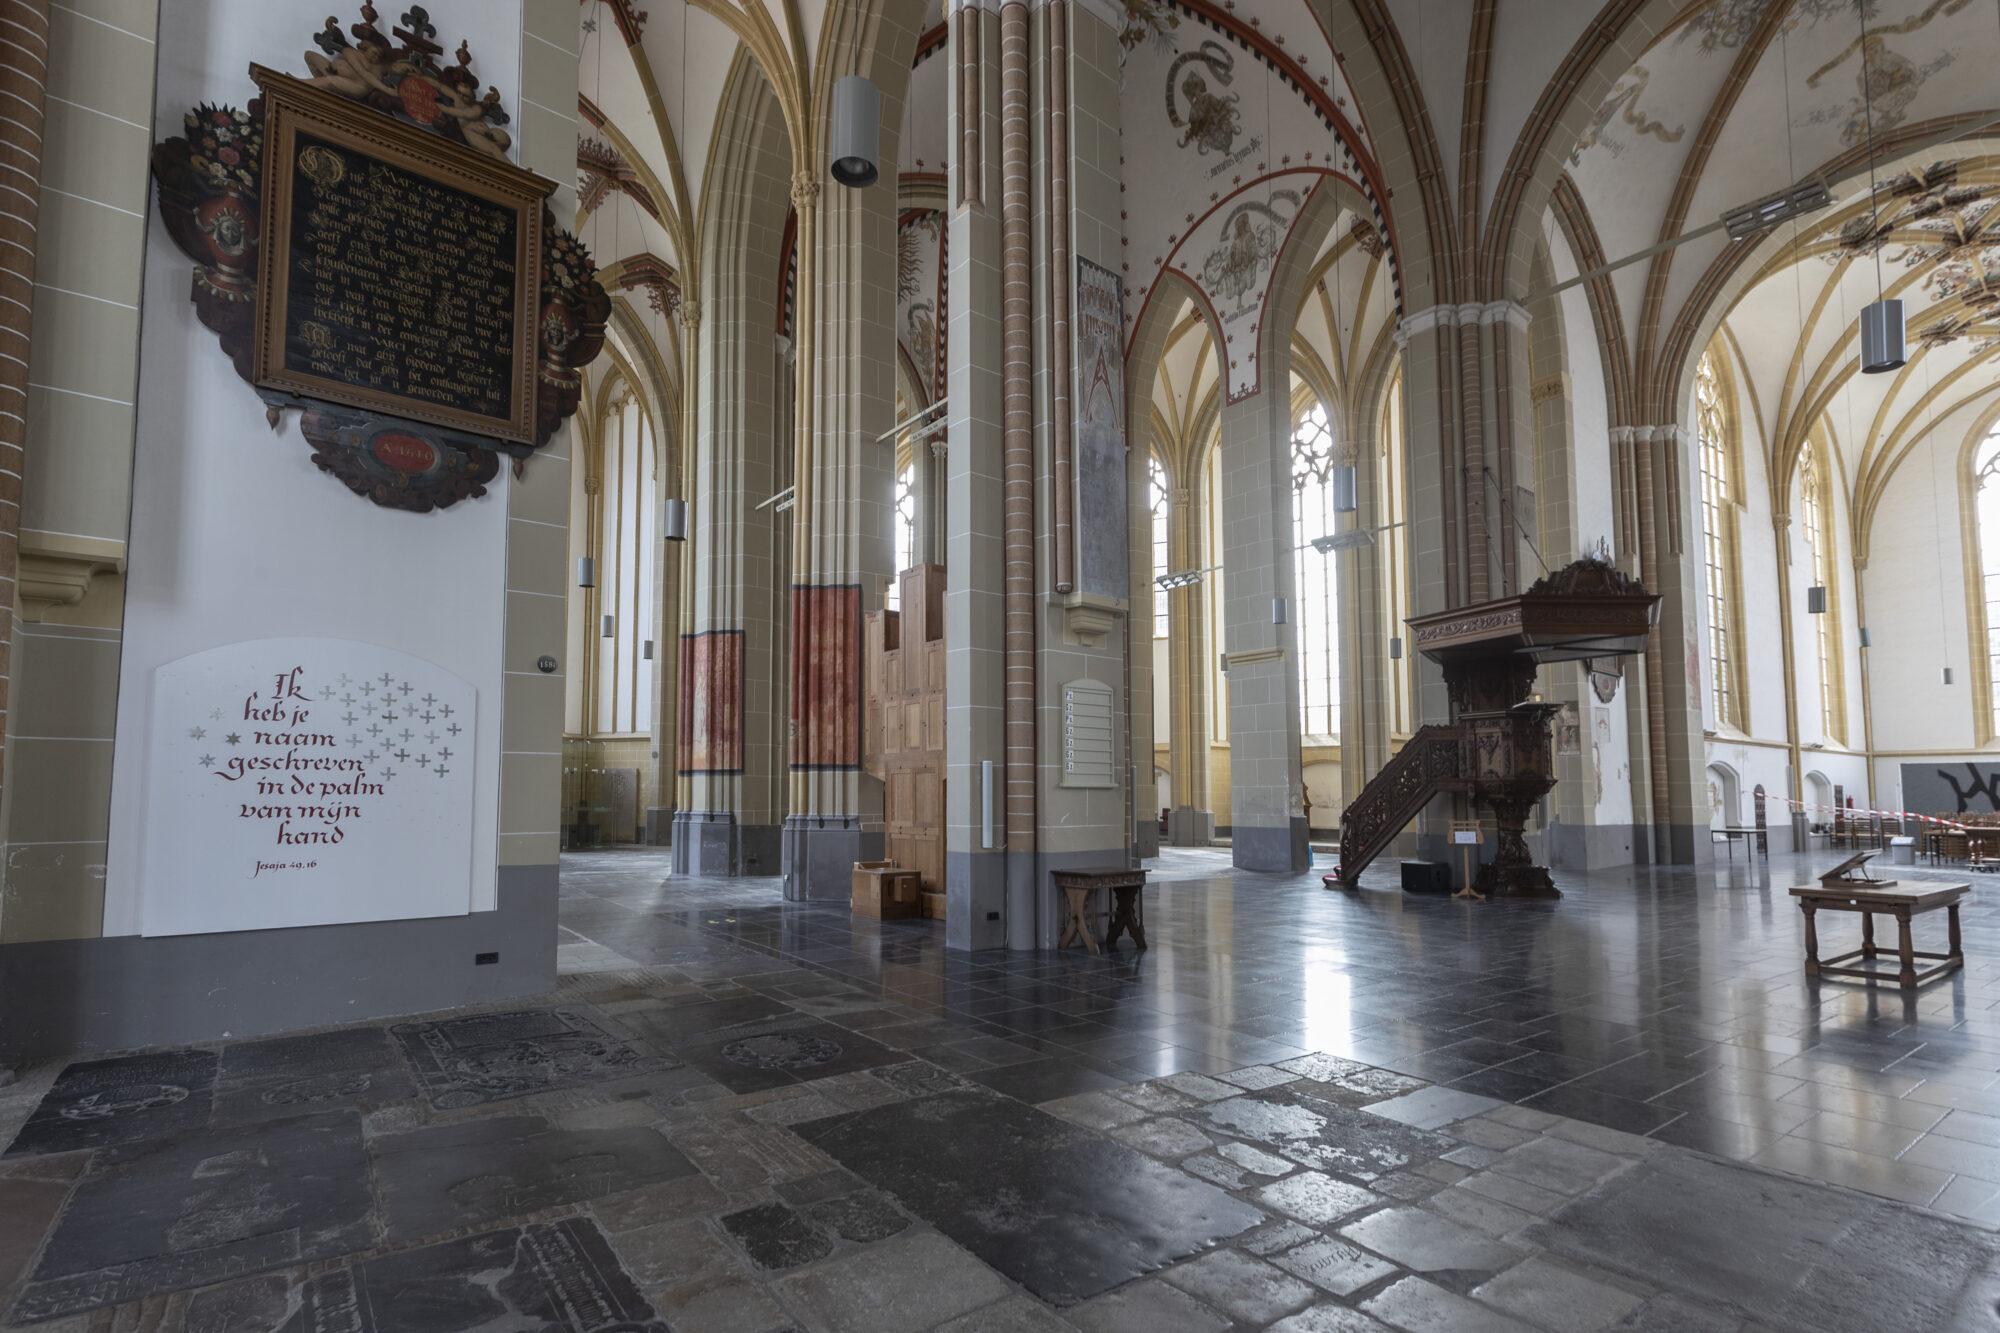 Geschiedenis herleeft in Walburgiskerk